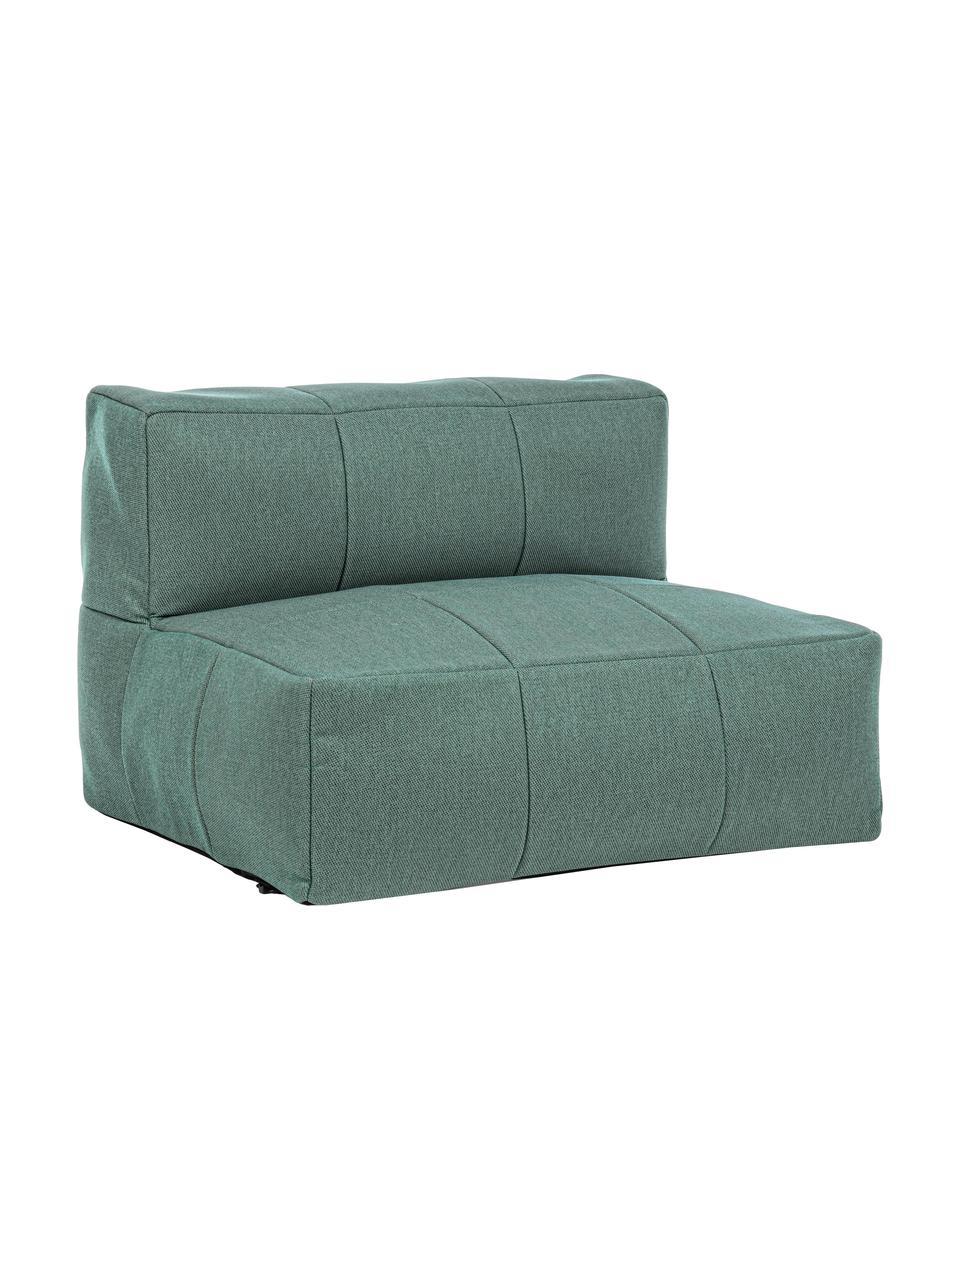 Fotel wypoczynkowy Sparrow, Tapicerka: 100% polipropylen, Stelaż: aluminium malowane proszk, Jadeitowy, S 87 x W 64 cm